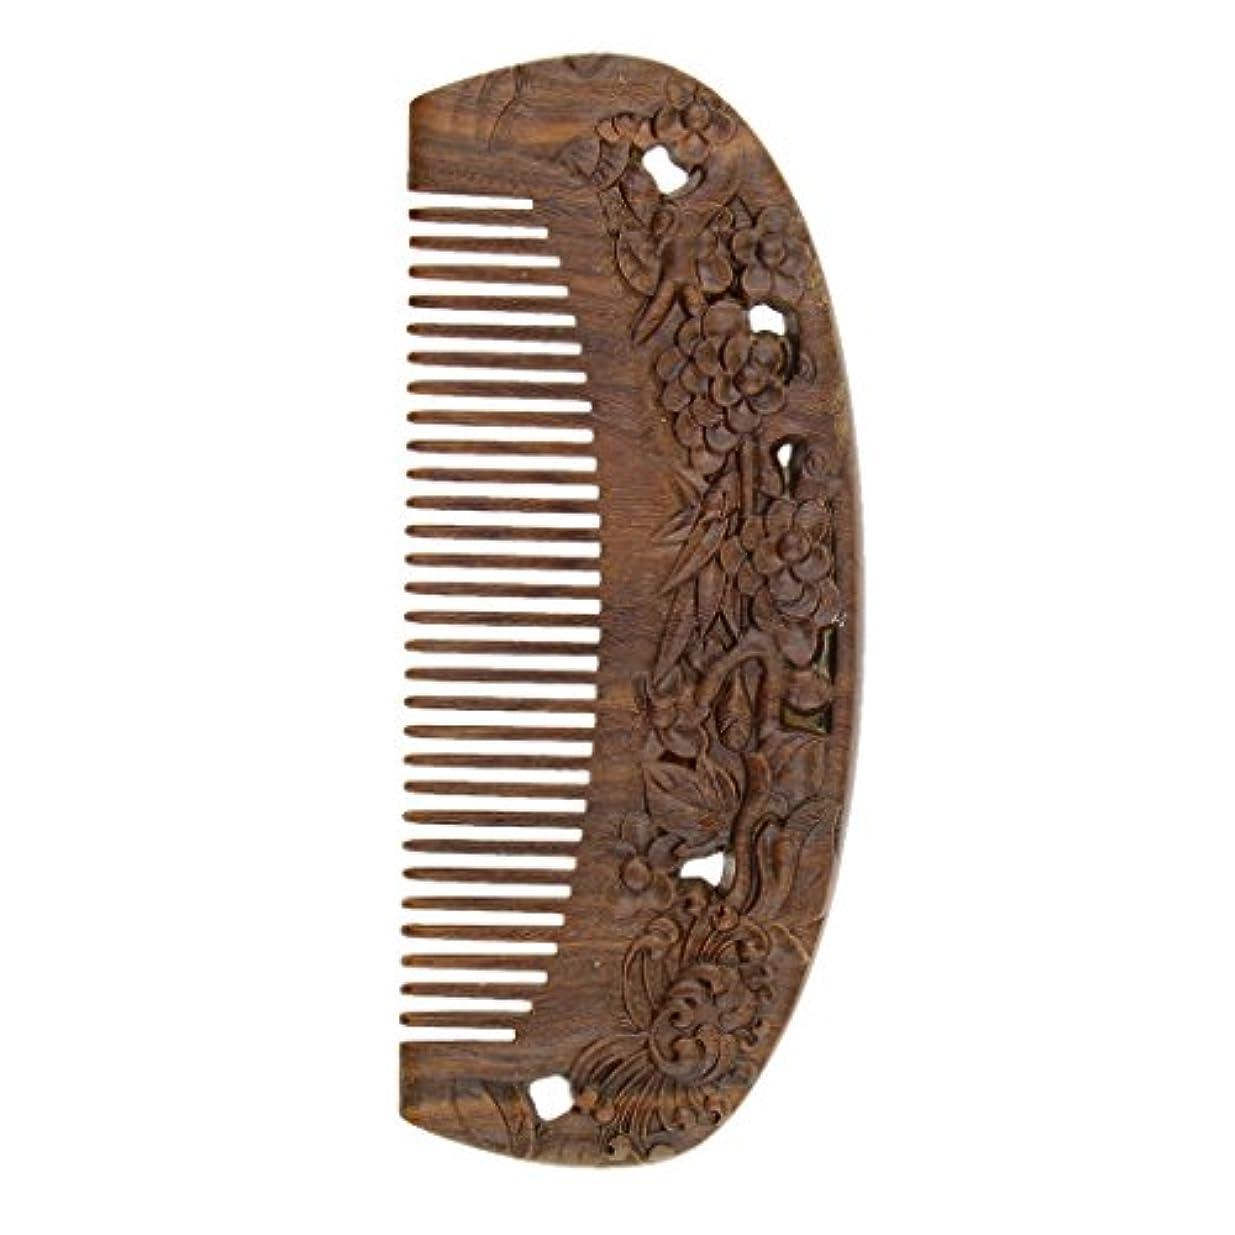 プロフェッショナル過言致死Perfeclan ウッドコーム 天然木製 高品質 木製櫛 ワイド歯 ヘアブラシ ヘアスタイリング ヘアコーム 2タイプ選べる - #2